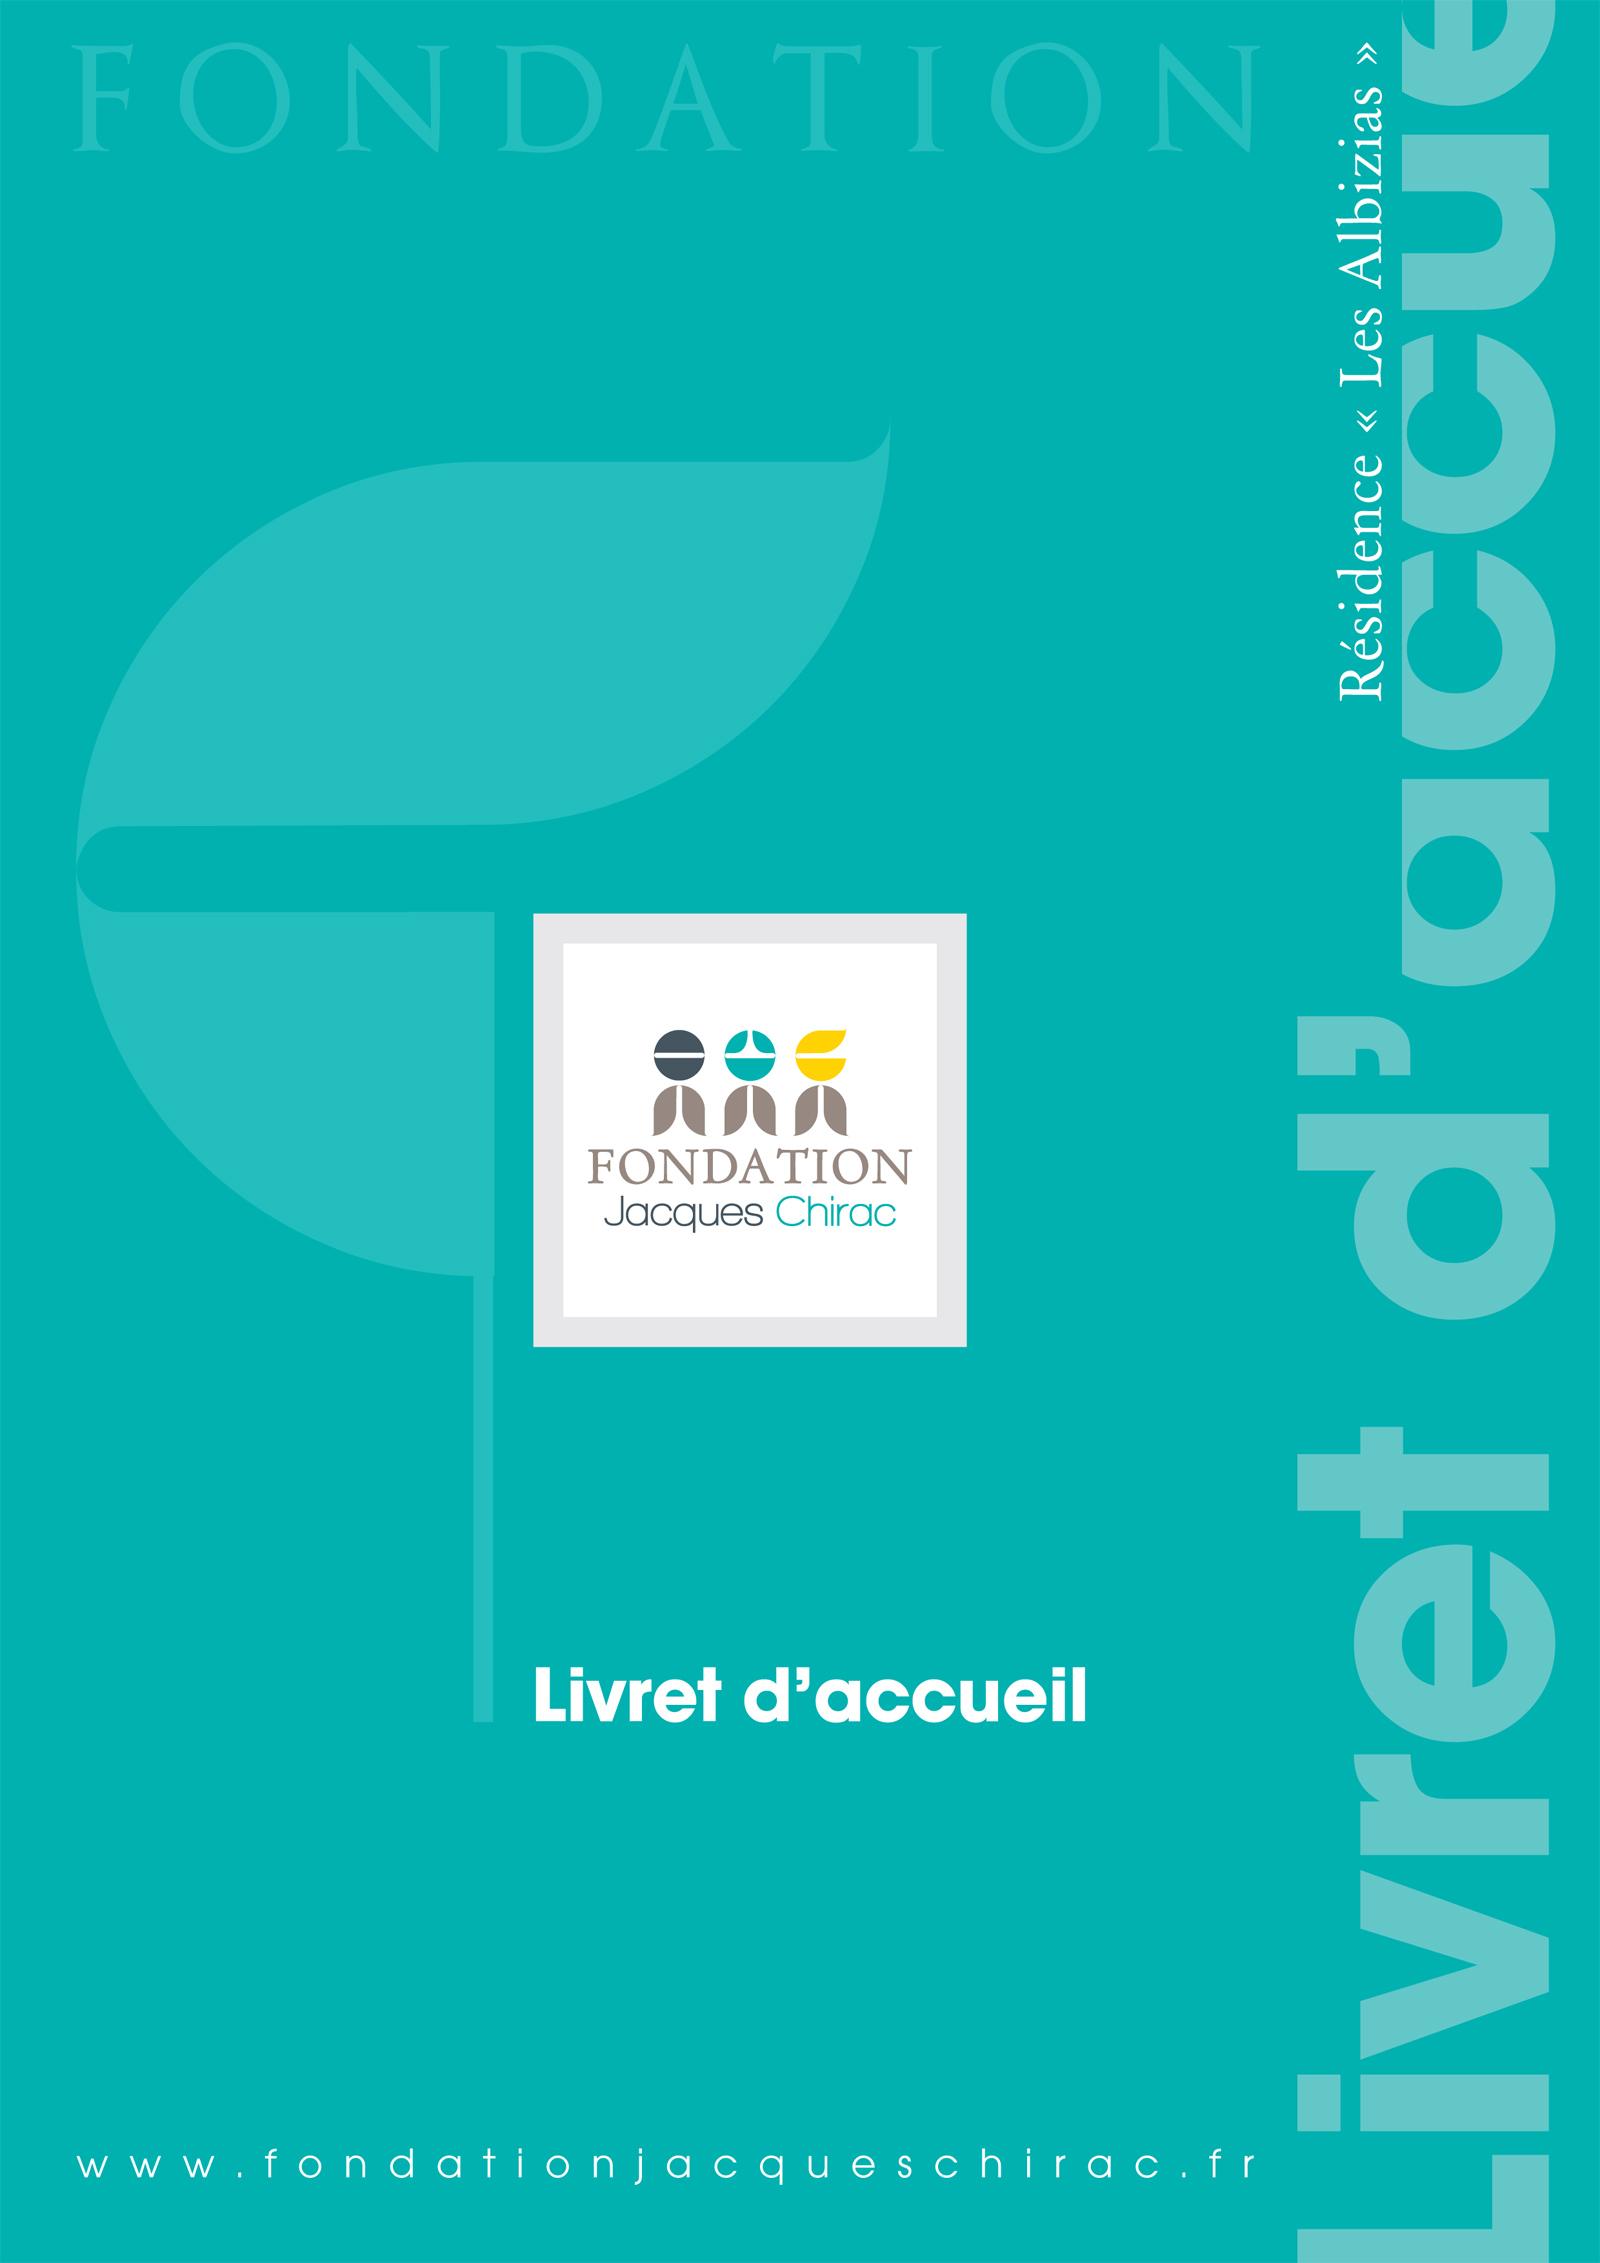 Réalisation Comevents - Fondation Jacques Chirac - Livret d'accueil